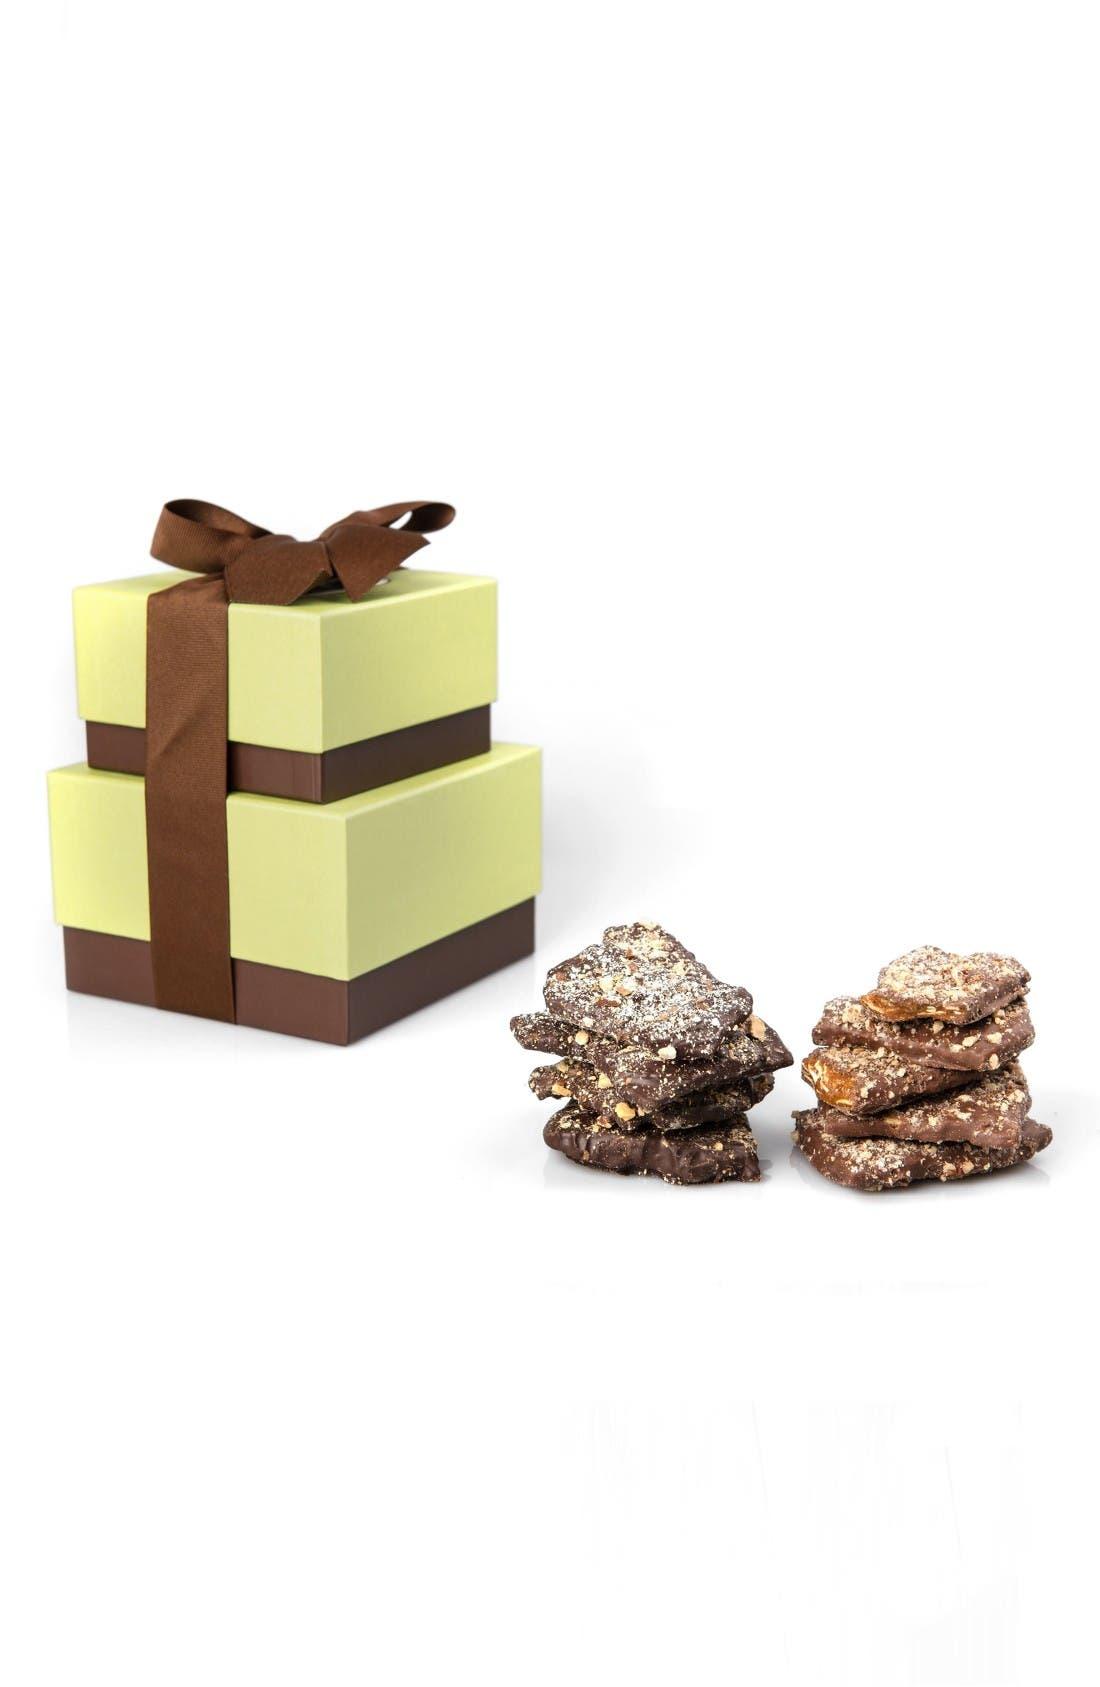 Dark Chocolate Almond & Milk Chocolate Pecan Toffee Tower,                         Main,                         color, White